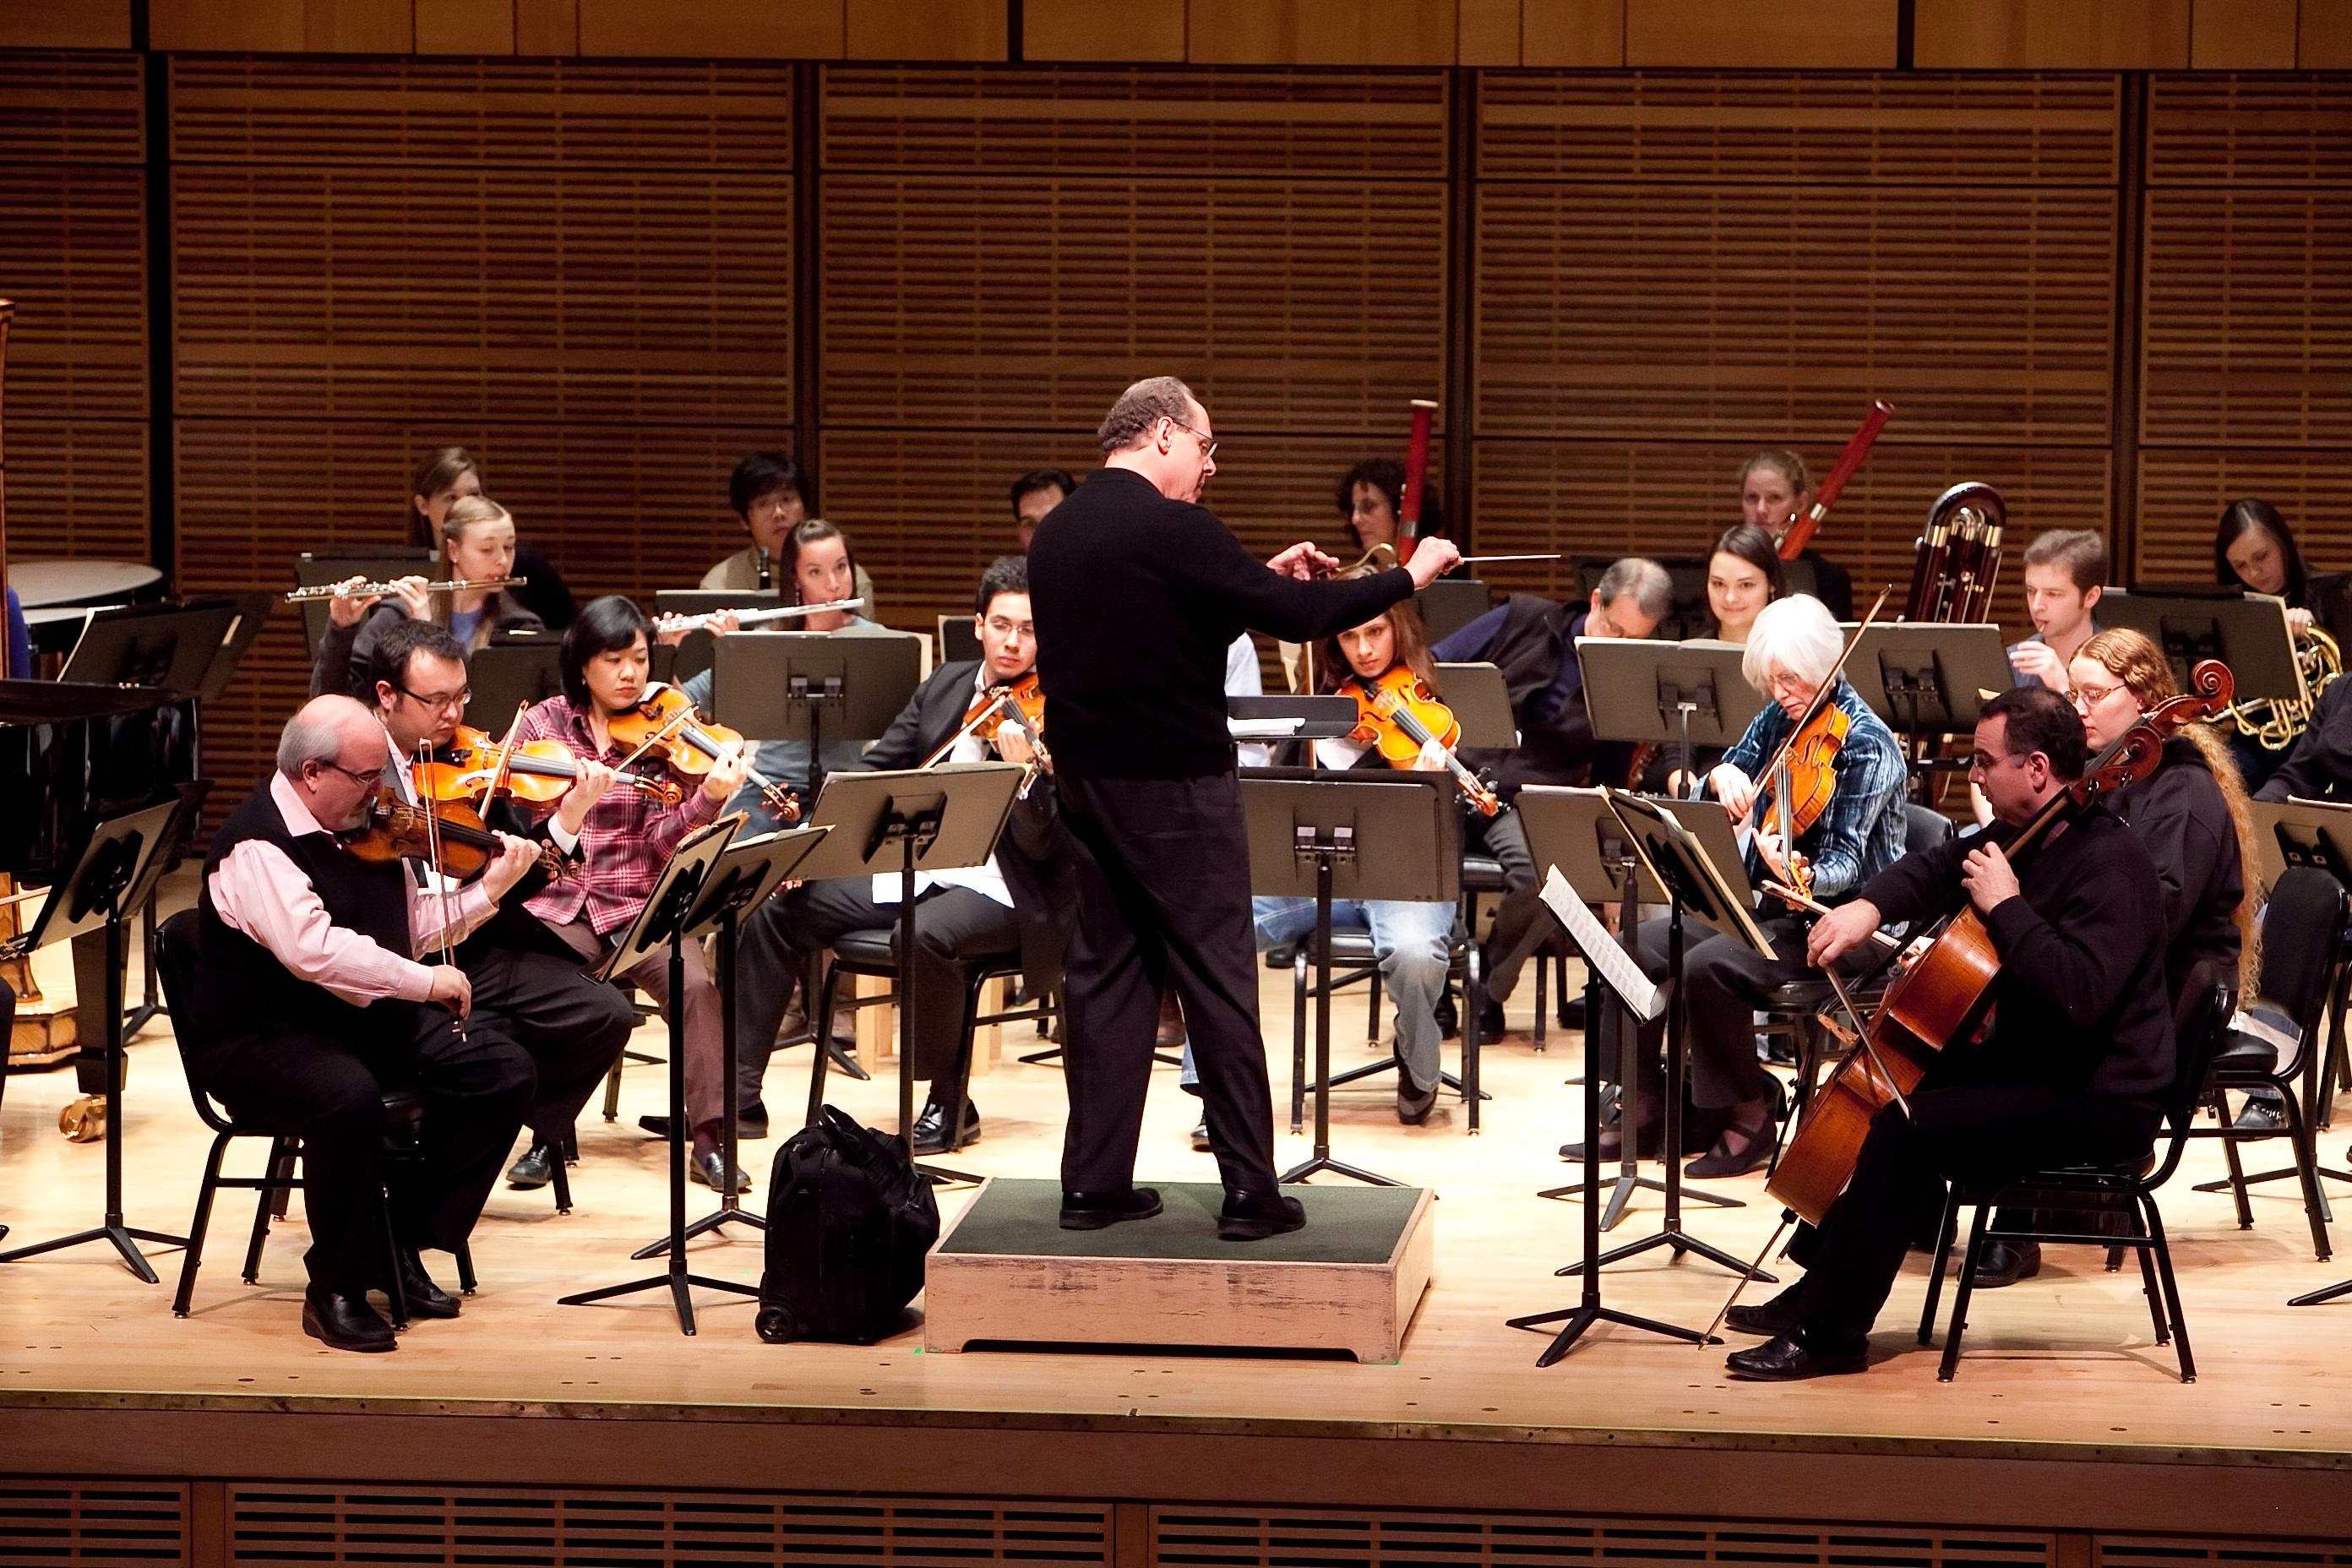 Kiesler rehearsing in Zankel Hall